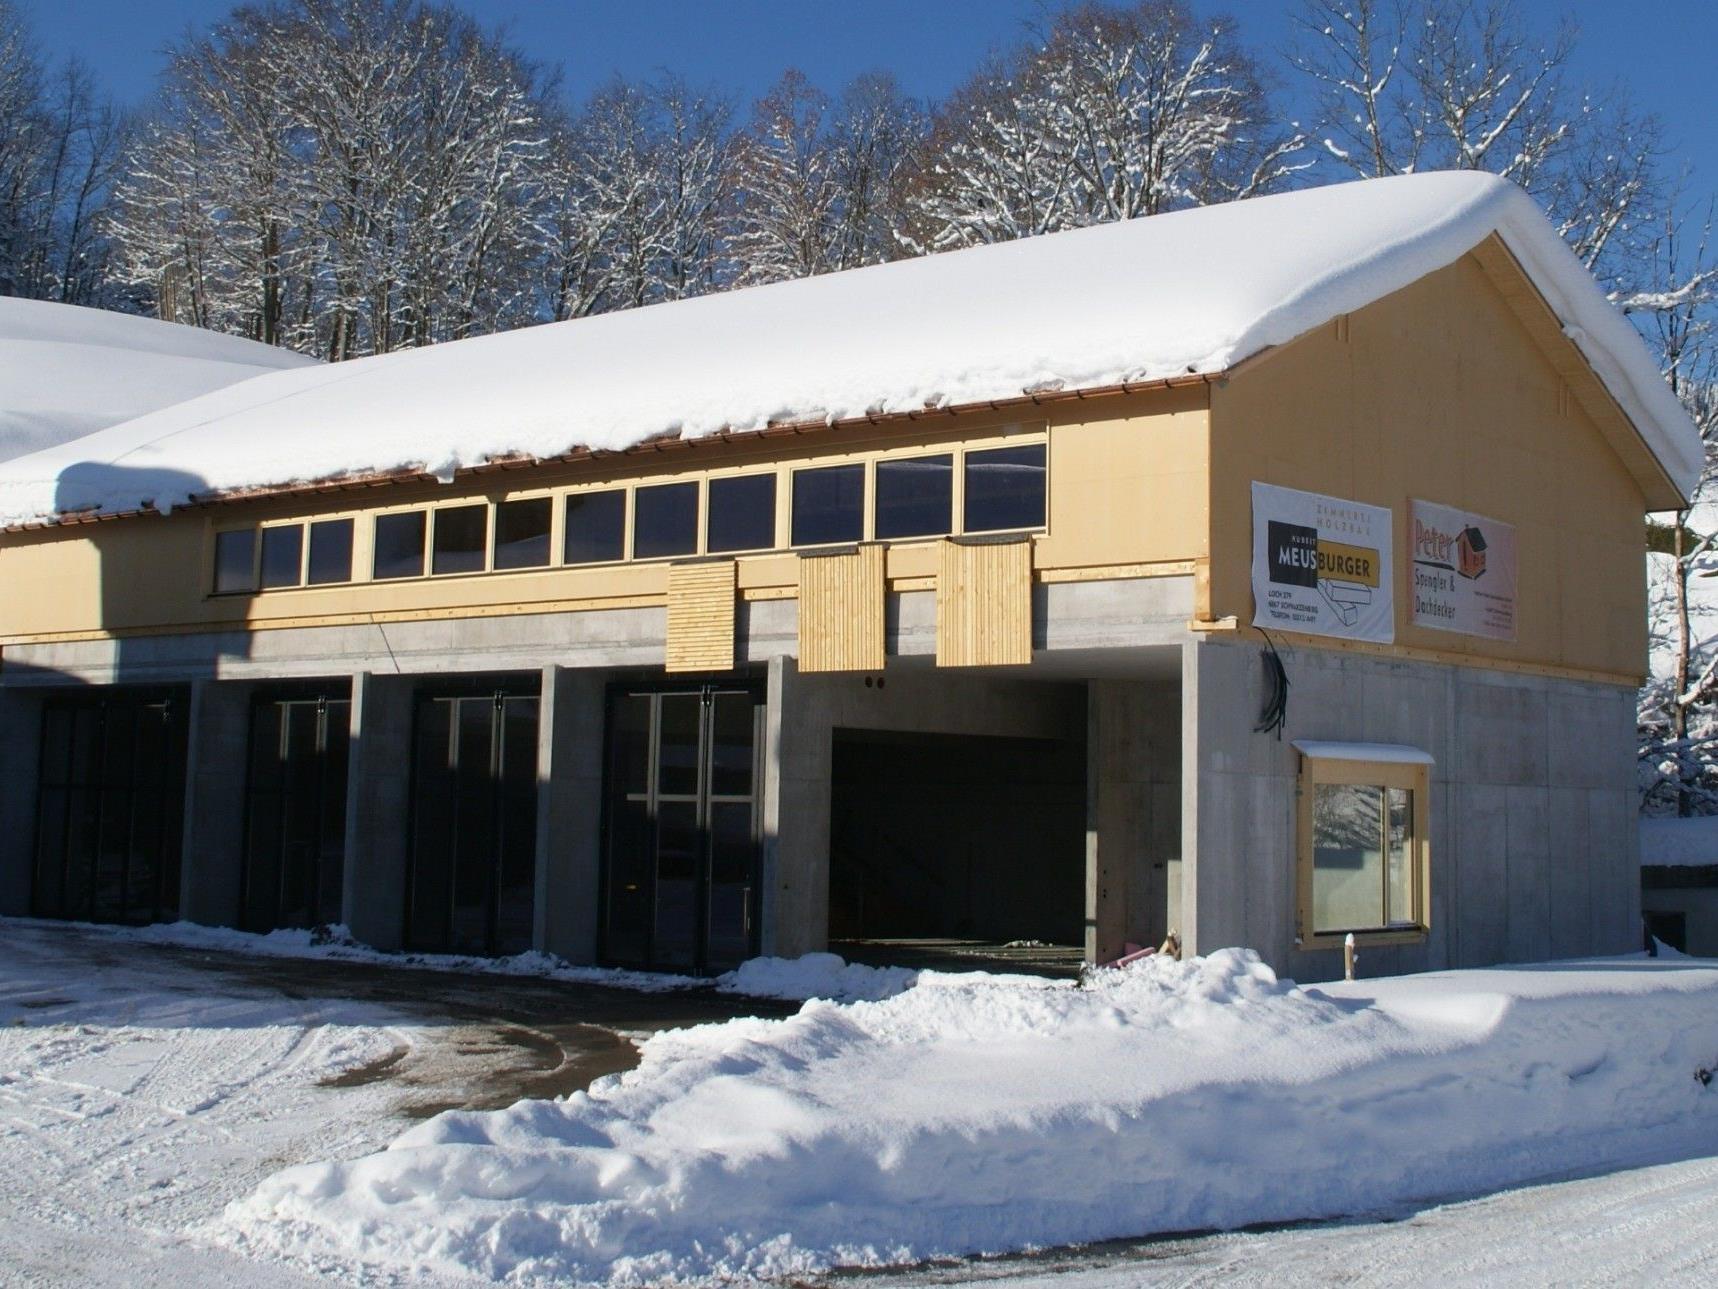 Das neue Feuerwehrhaus in Schwarzenberg fügt sich harmonisch in die Landschaft ein.